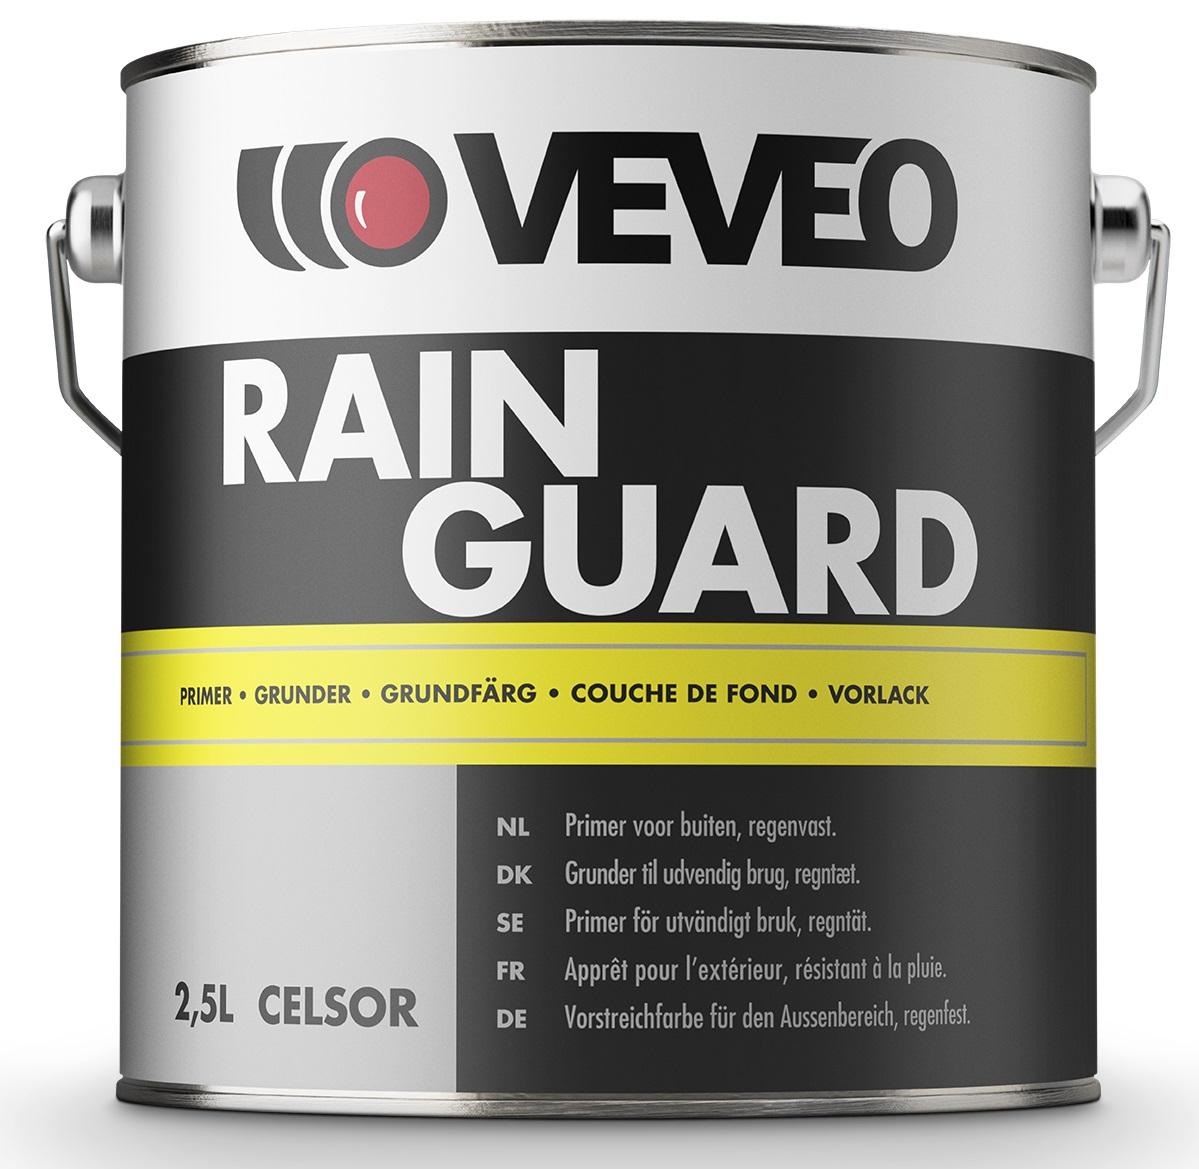 Celsor Rain Guard Primer